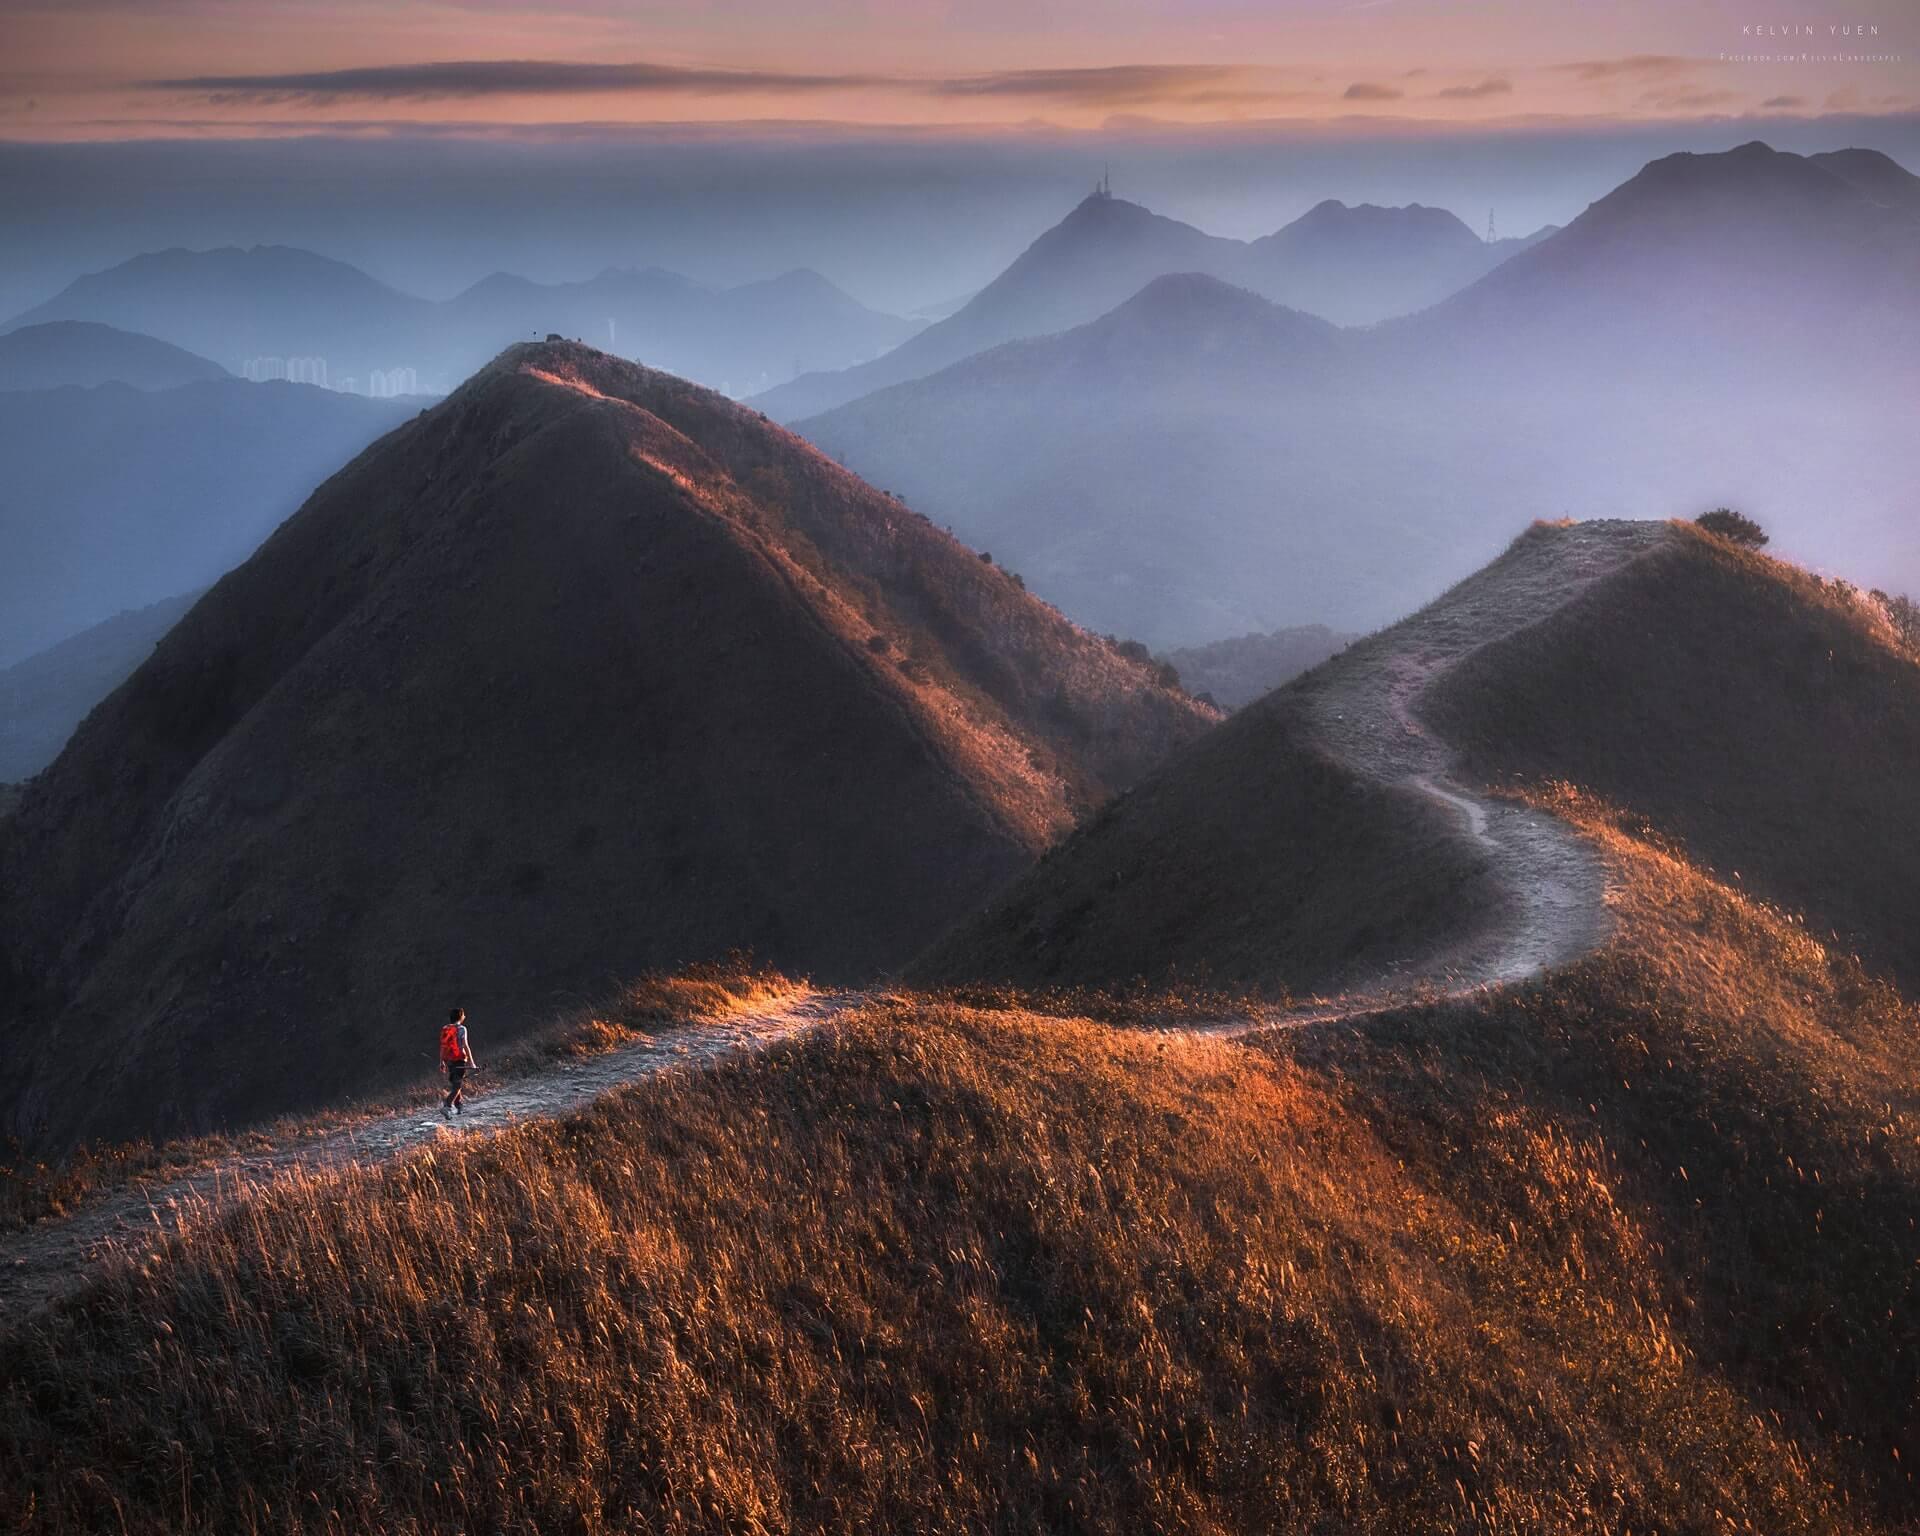 這張則是攝於馬鞍山,拍攝出香港山野的壯麗。